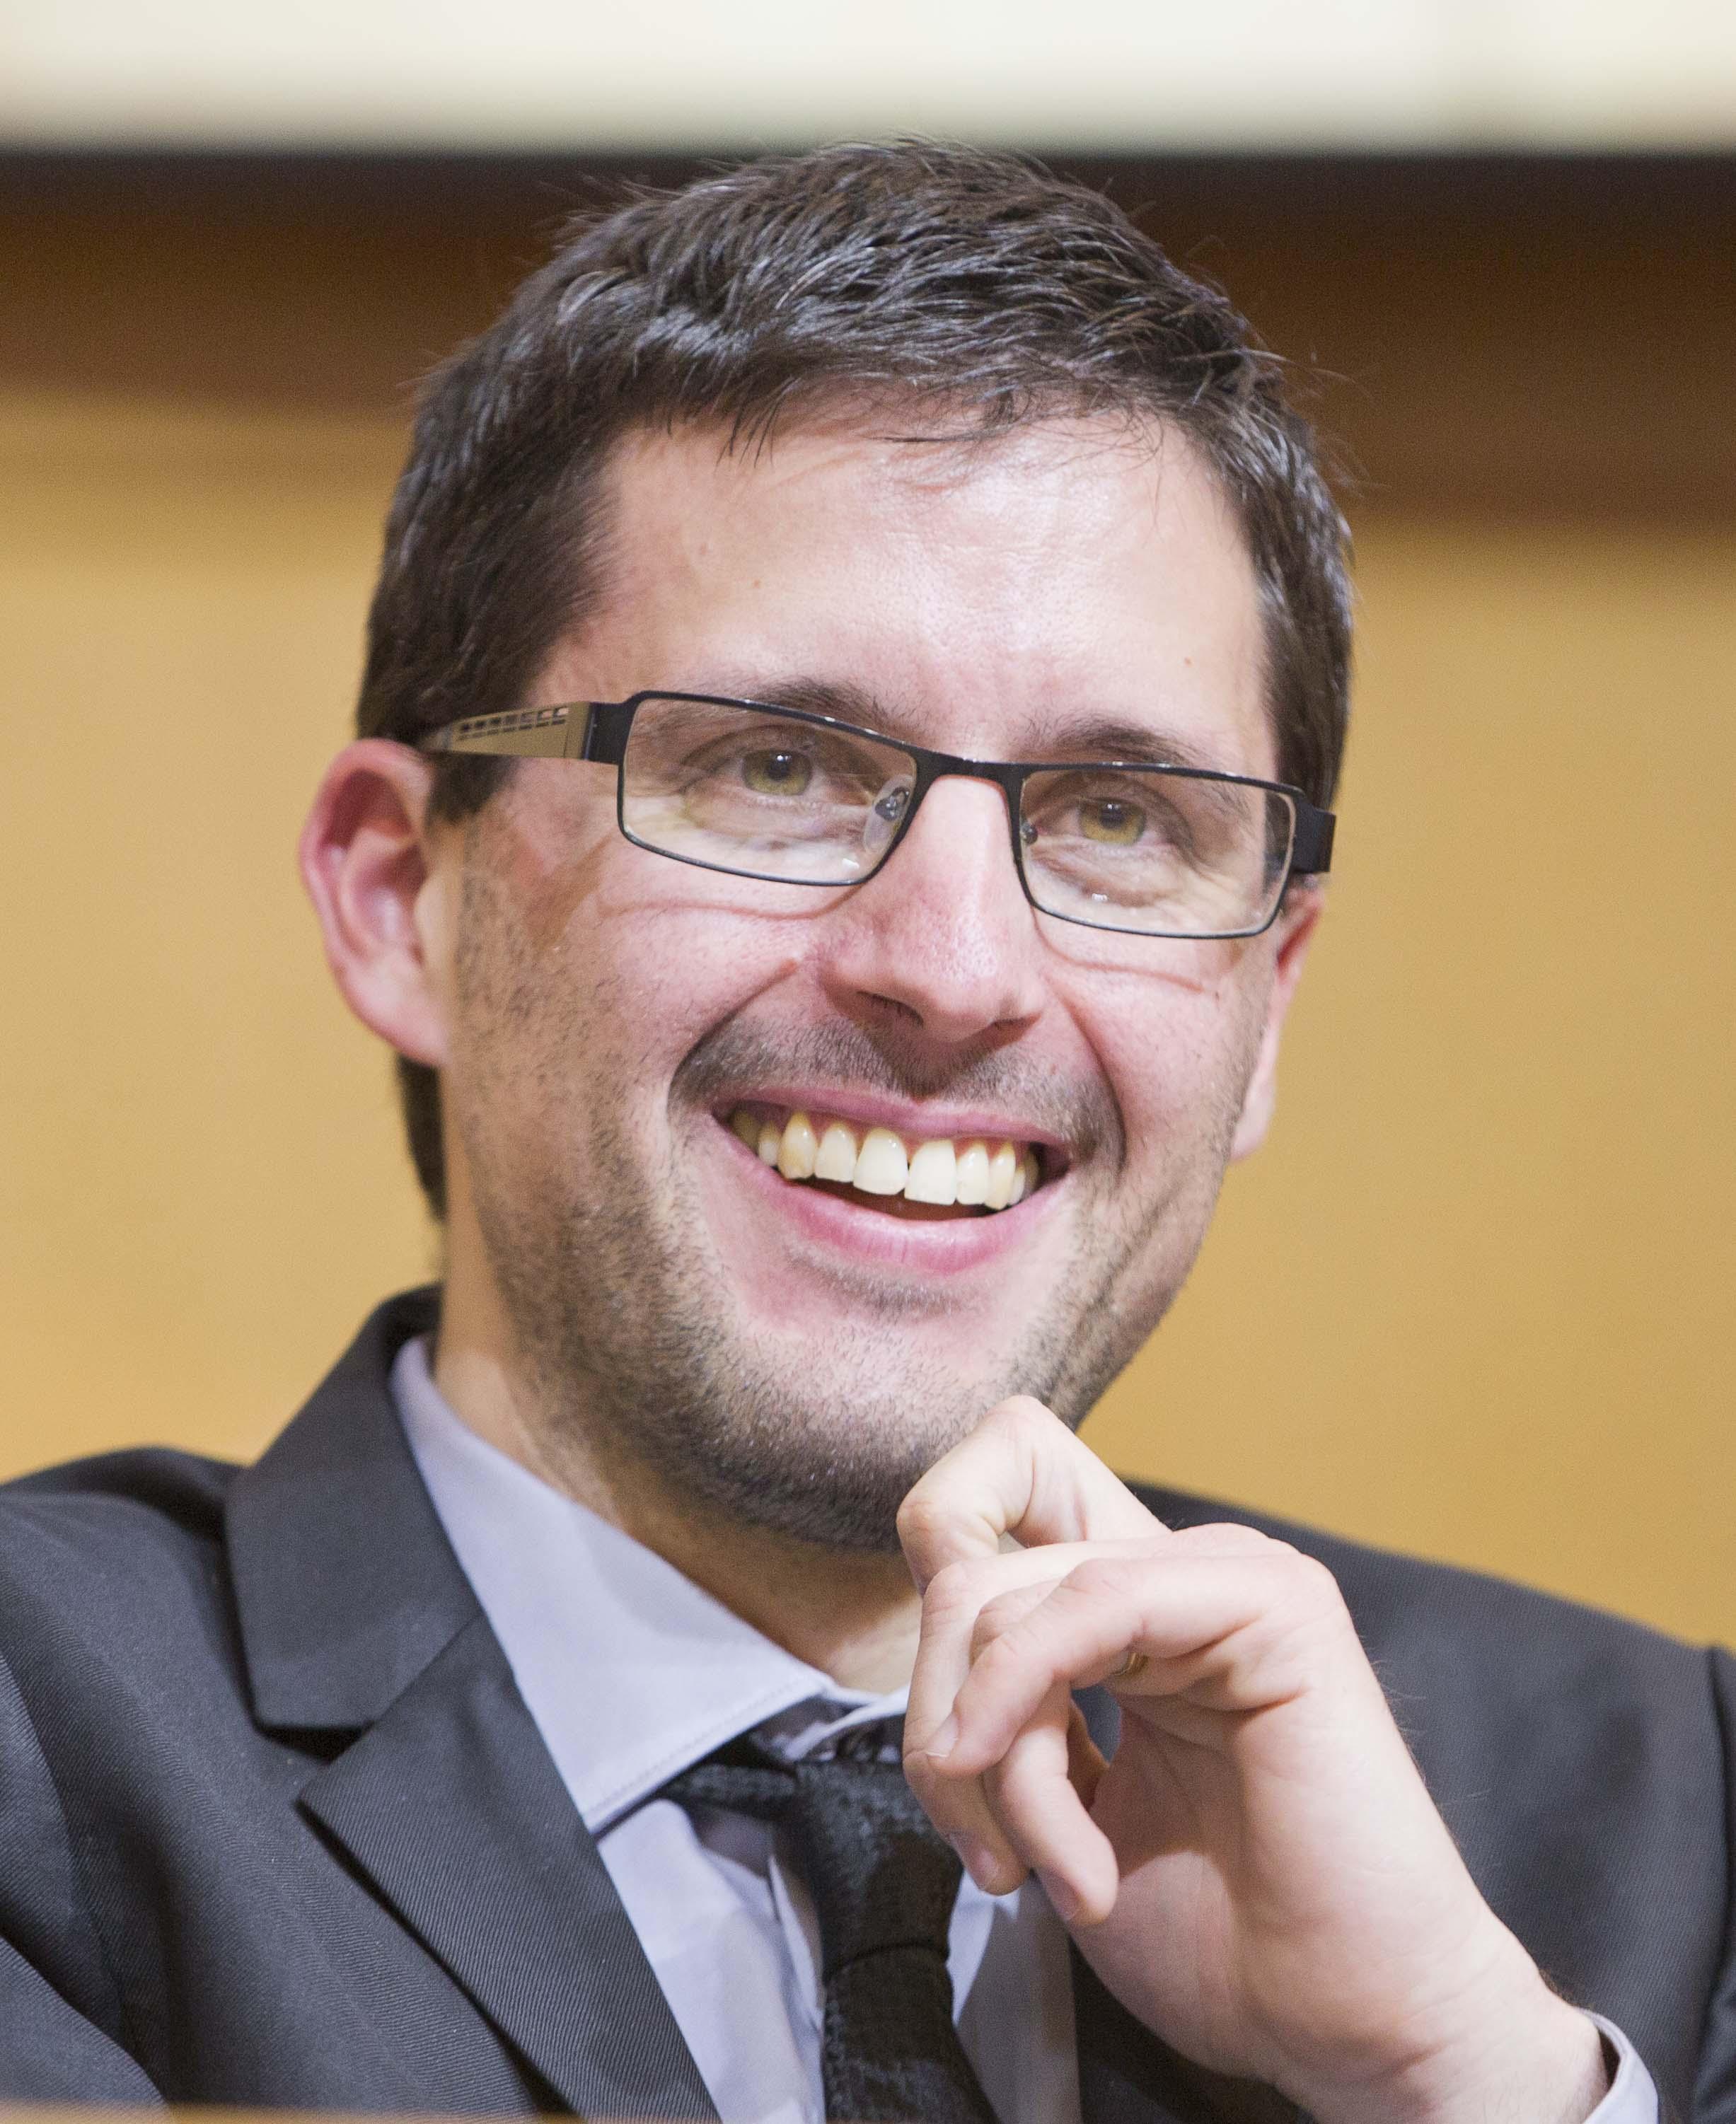 Riunione di a Cummissione per l'evuluzione di u statutu di a Corsica u 16 di ferraghju di u 2018